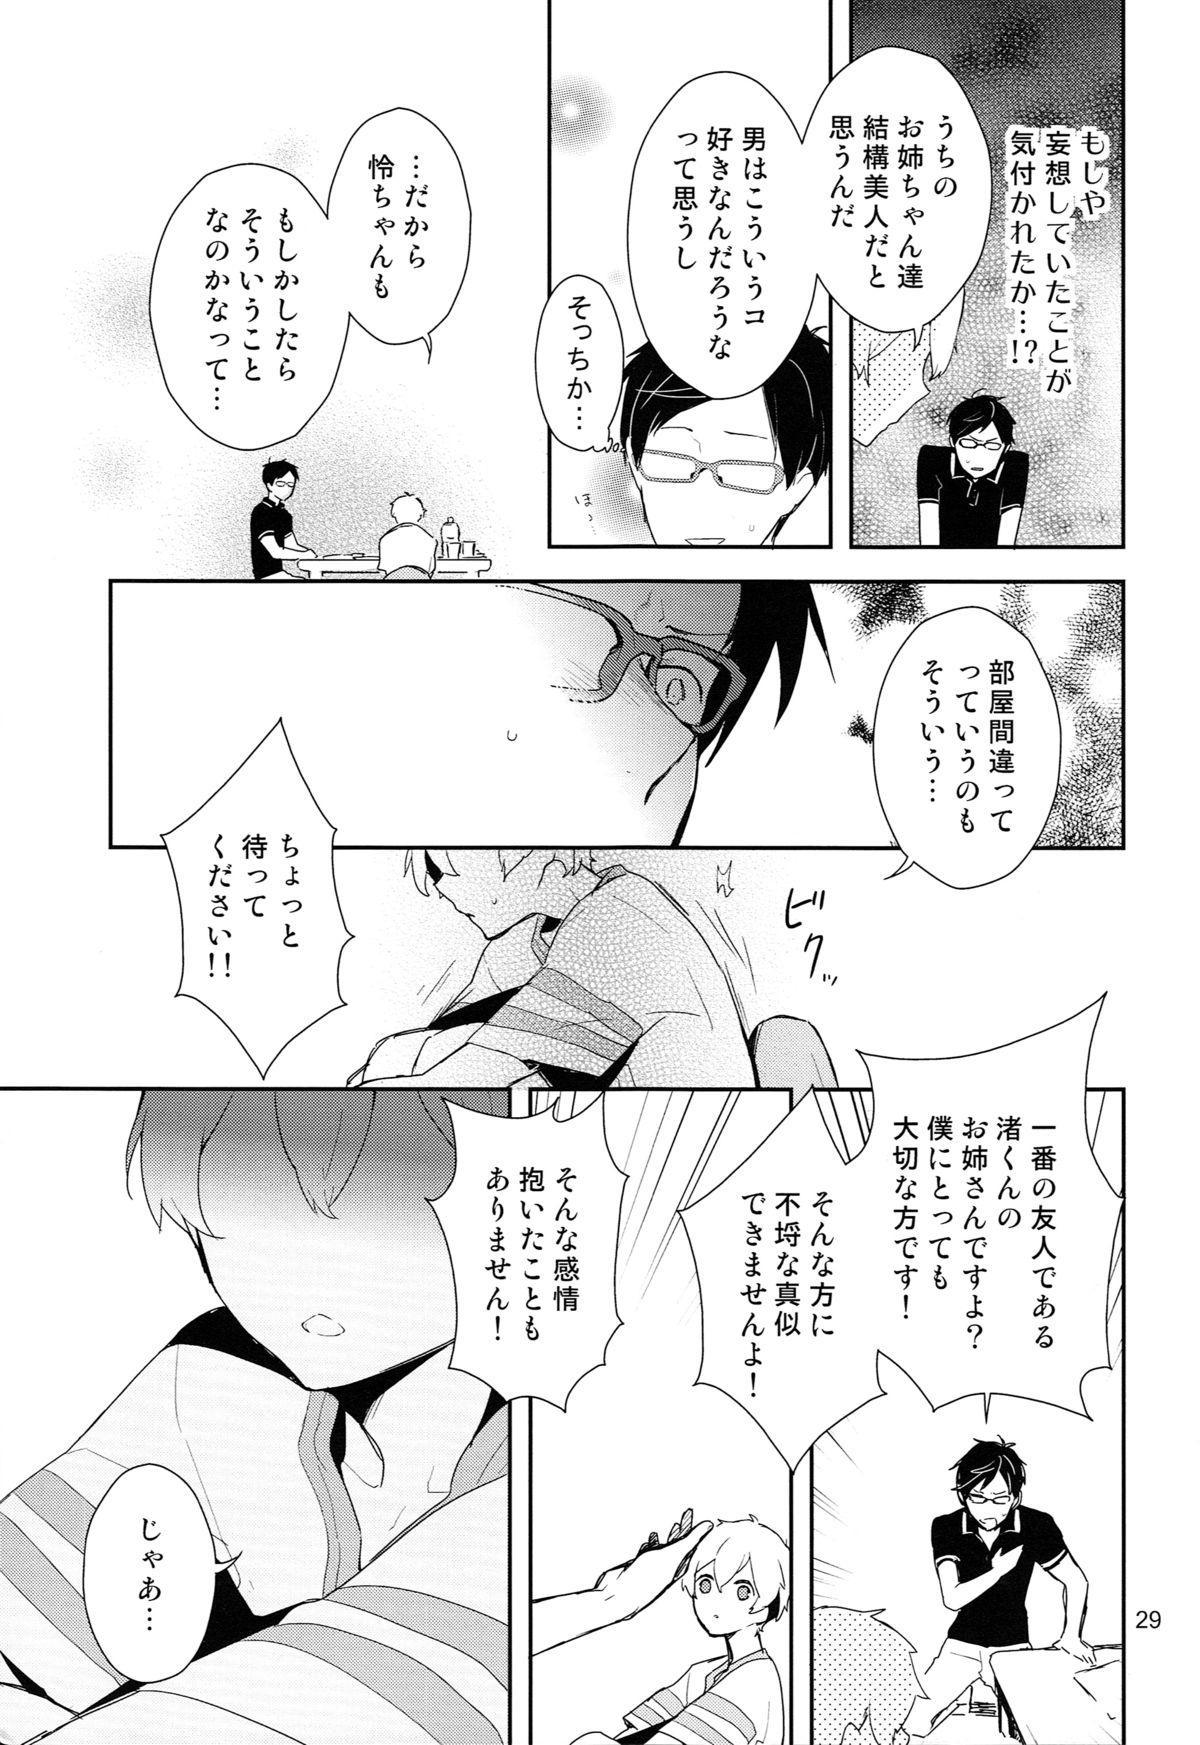 Ryuugazaki nanigashi wa seiyoku wo moteamashite iru. 28